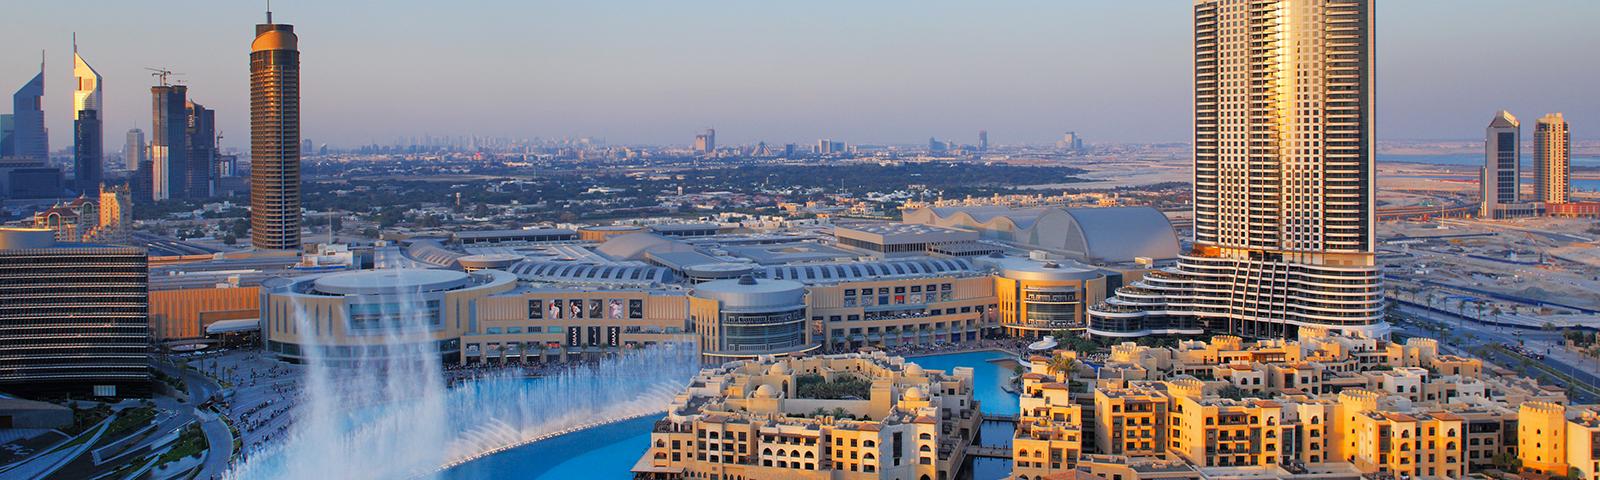 Img-Couv-Dubai (3)